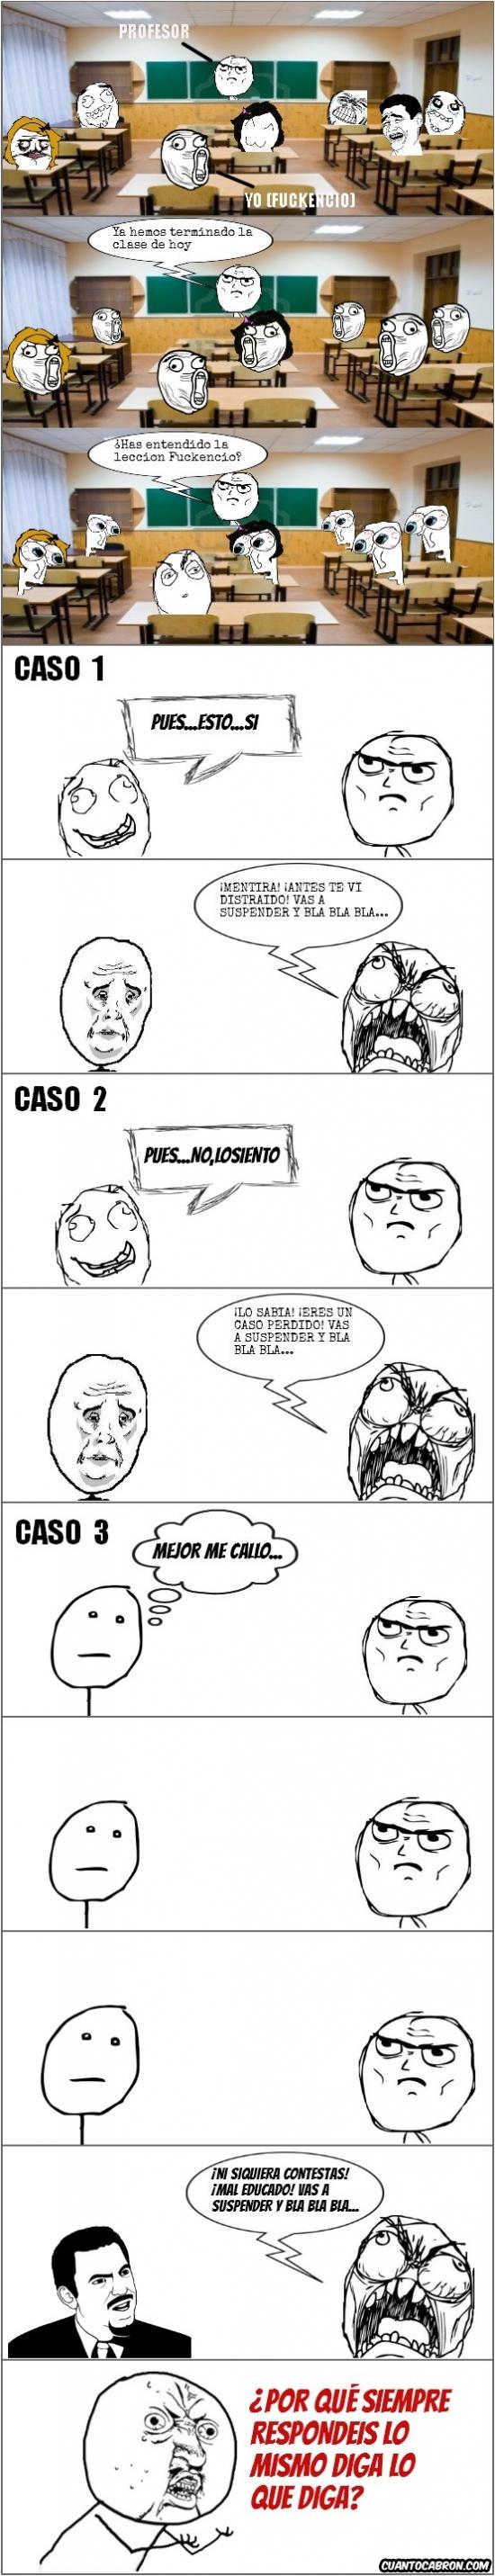 Are you serious?,clase,enfadado,lección,misma respuesta,profesor,Y U NO